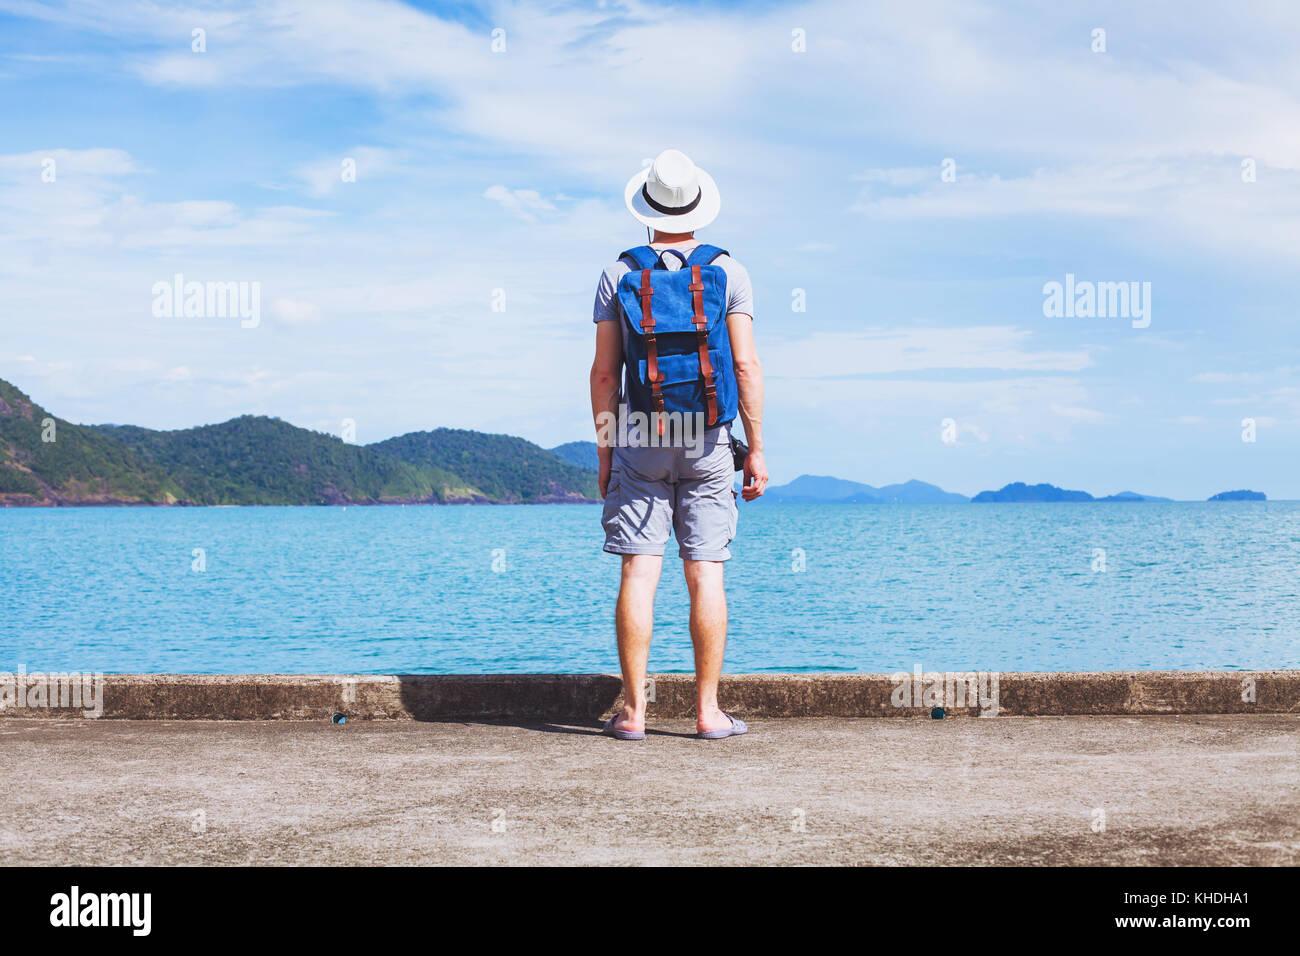 Hôtels de tourisme avec sac à dos prêt pour une nouvelle aventure, l'arrière-plan with copy Photo Stock